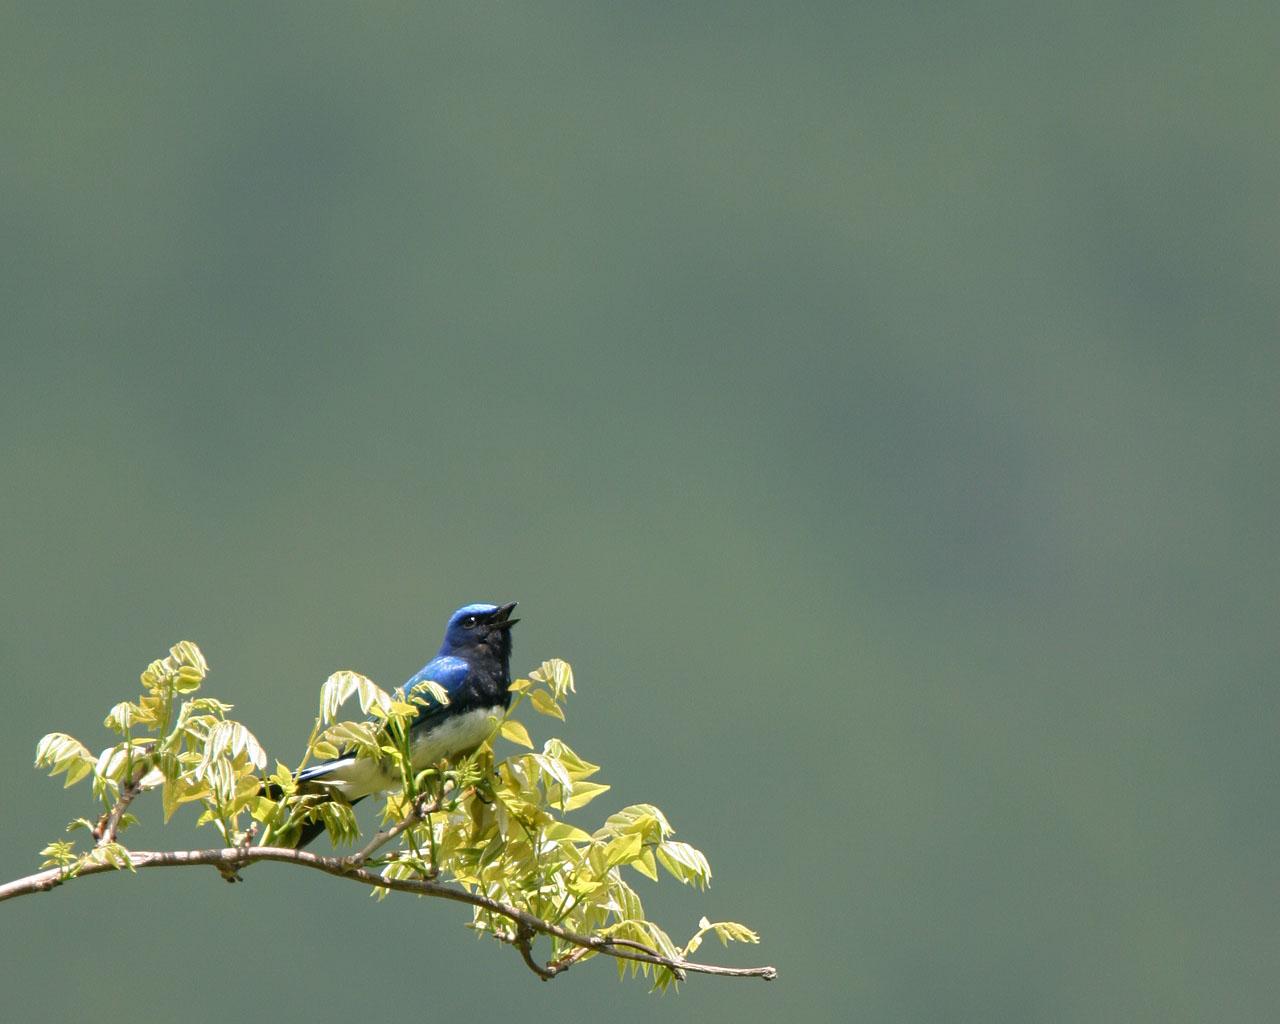 神奈川県大山の青い鳥と黄色い鳥(野鳥の壁紙2枚)_f0105570_1755895.jpg